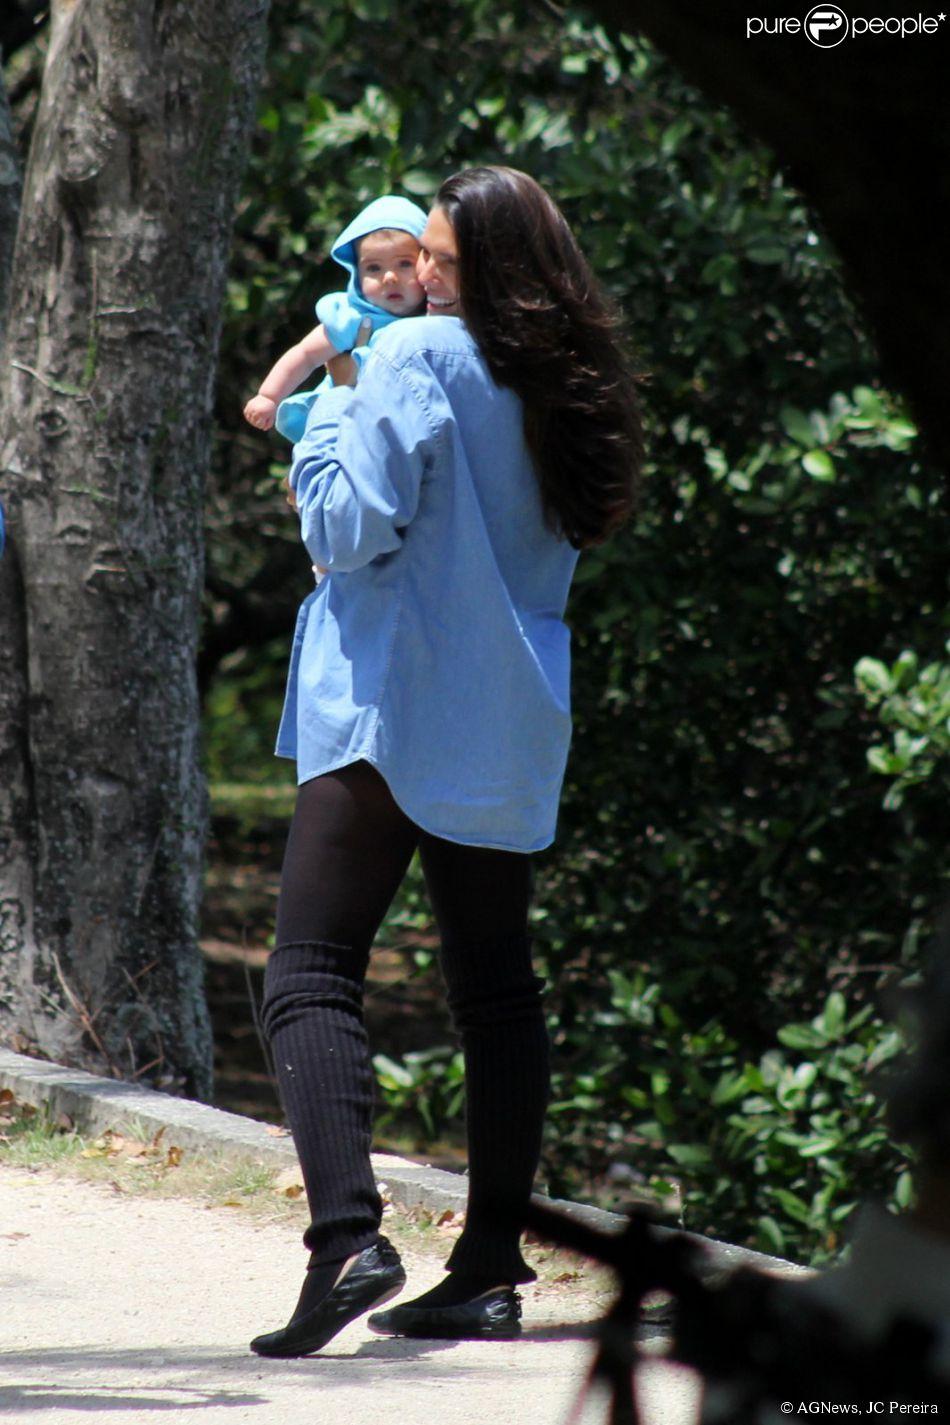 Daniella Sarahyba levou a filha caçula, Rafaella, de 5 meses, para passear na Lagoa Rodrigo de Freitas, na Zona Sul do Rio de Janeiro